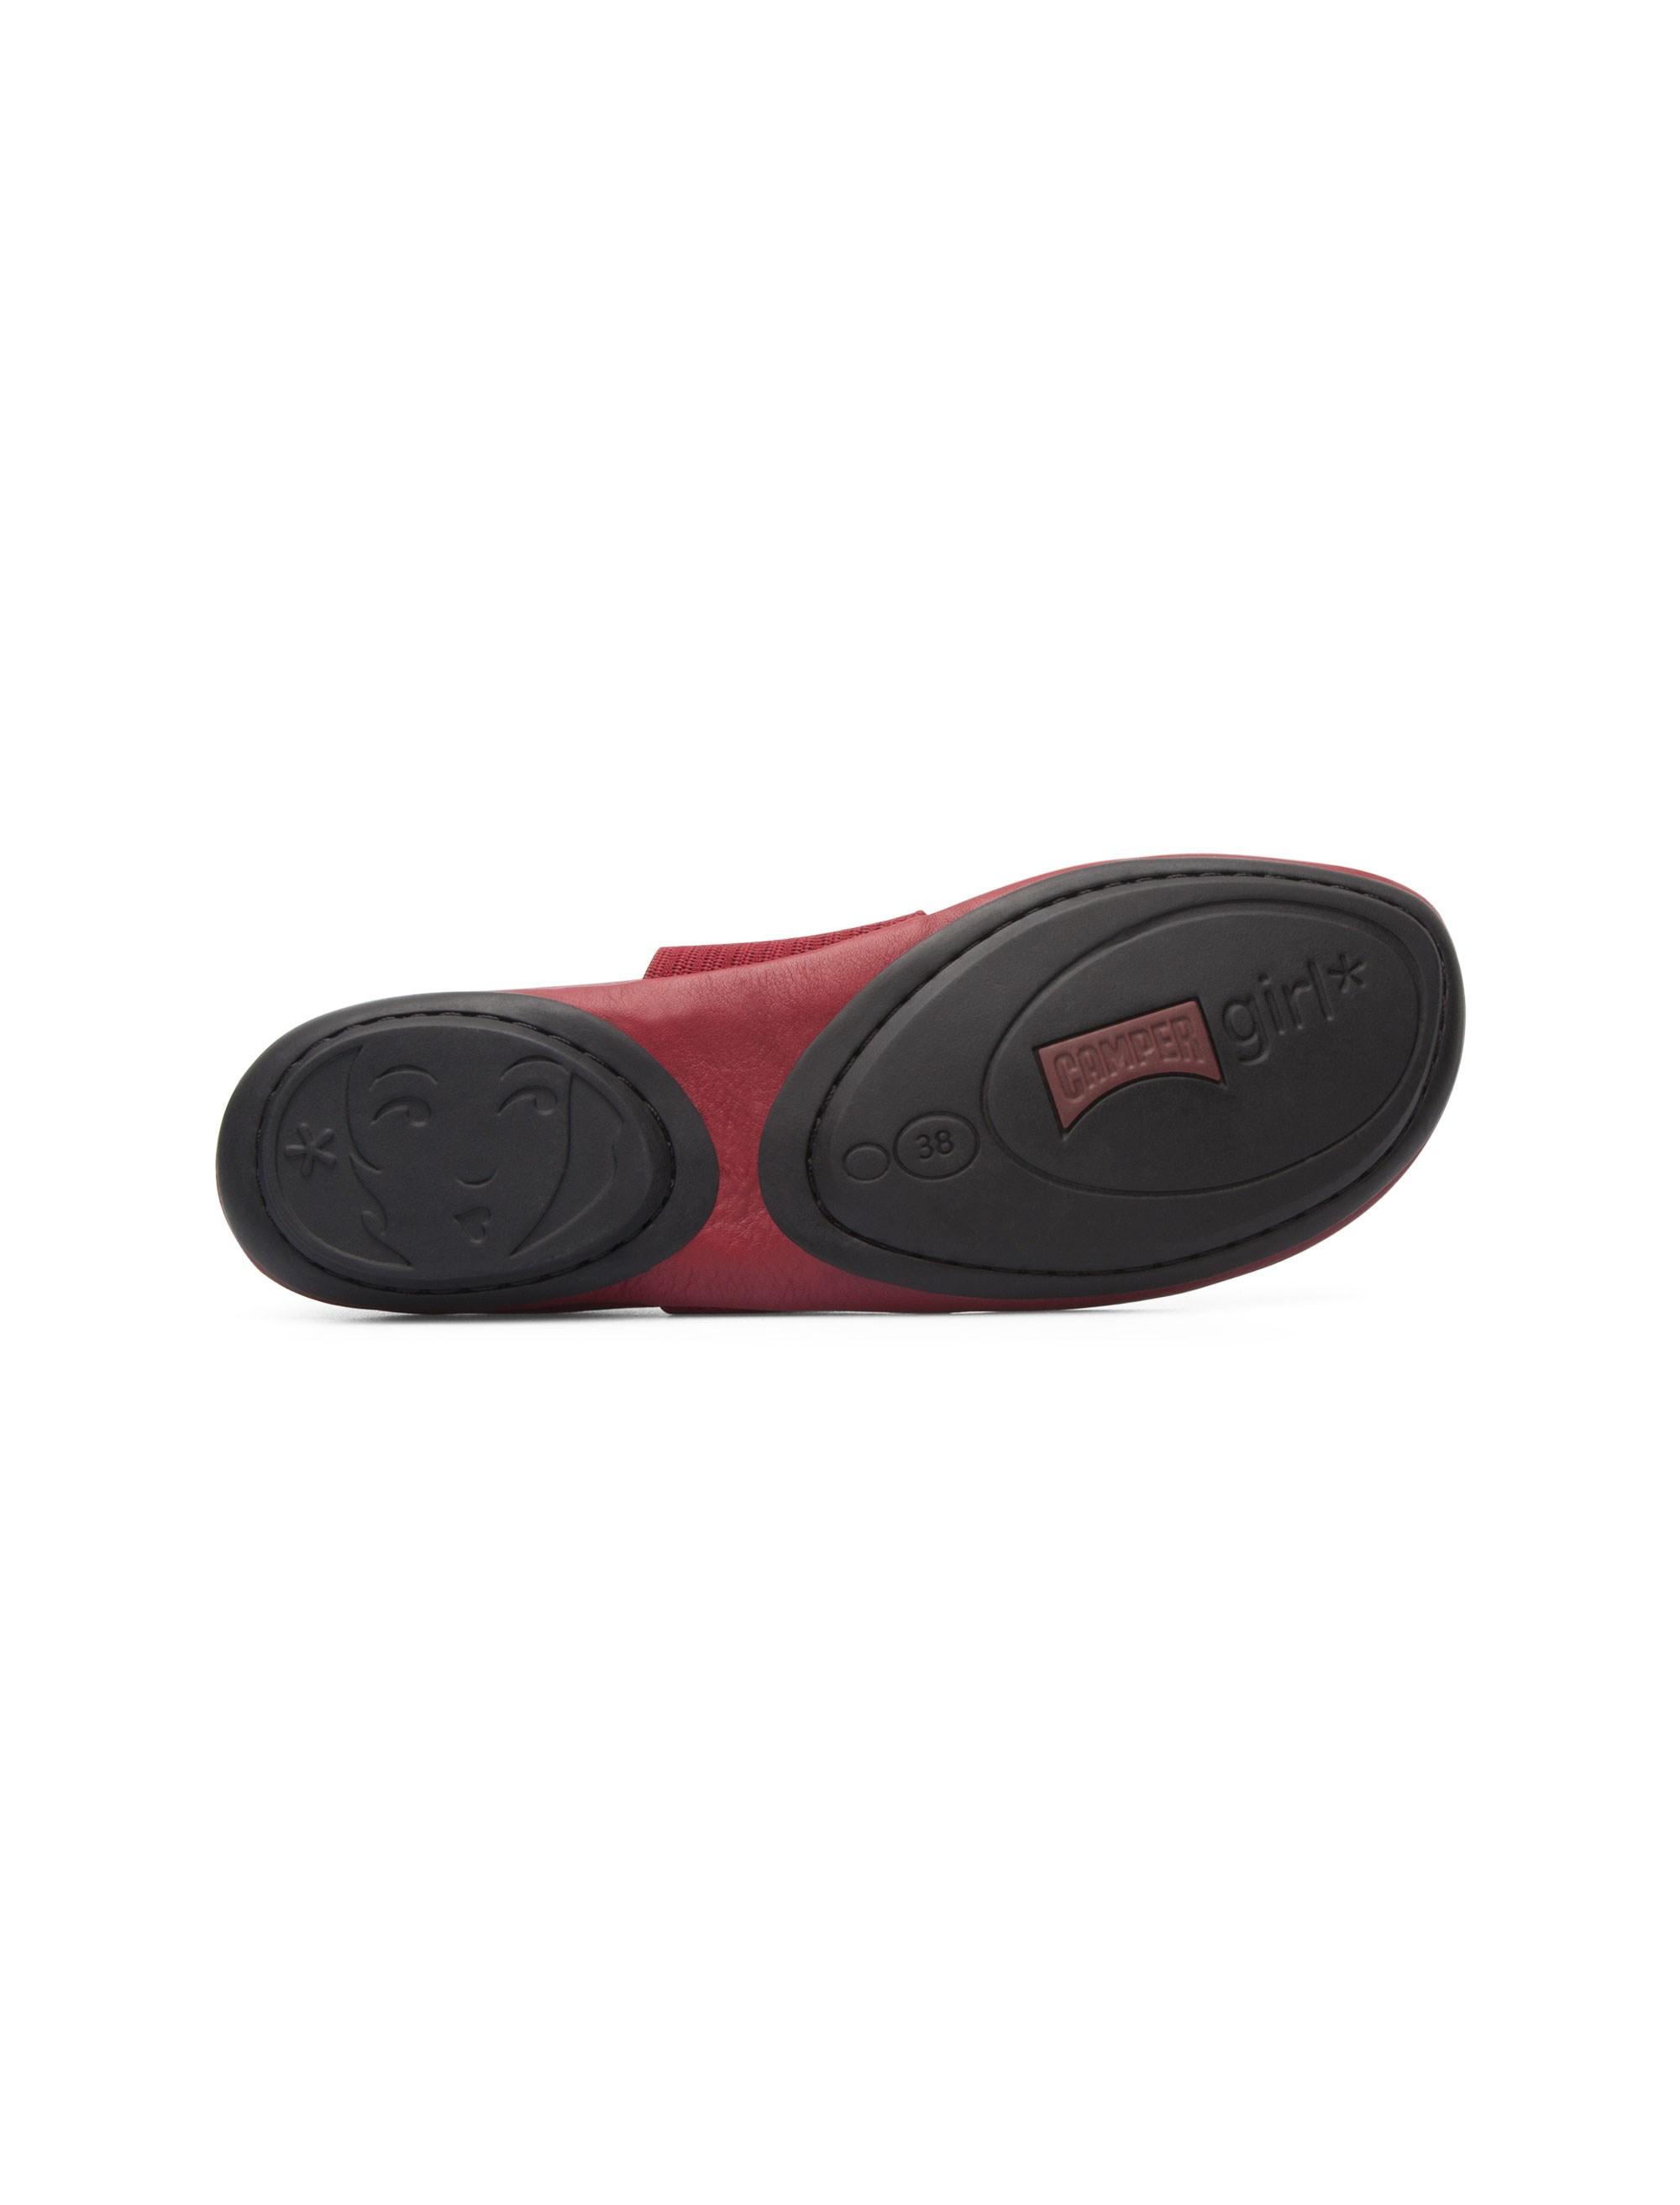 کفش تخت چرم زنانه - قرمز تيره - 10